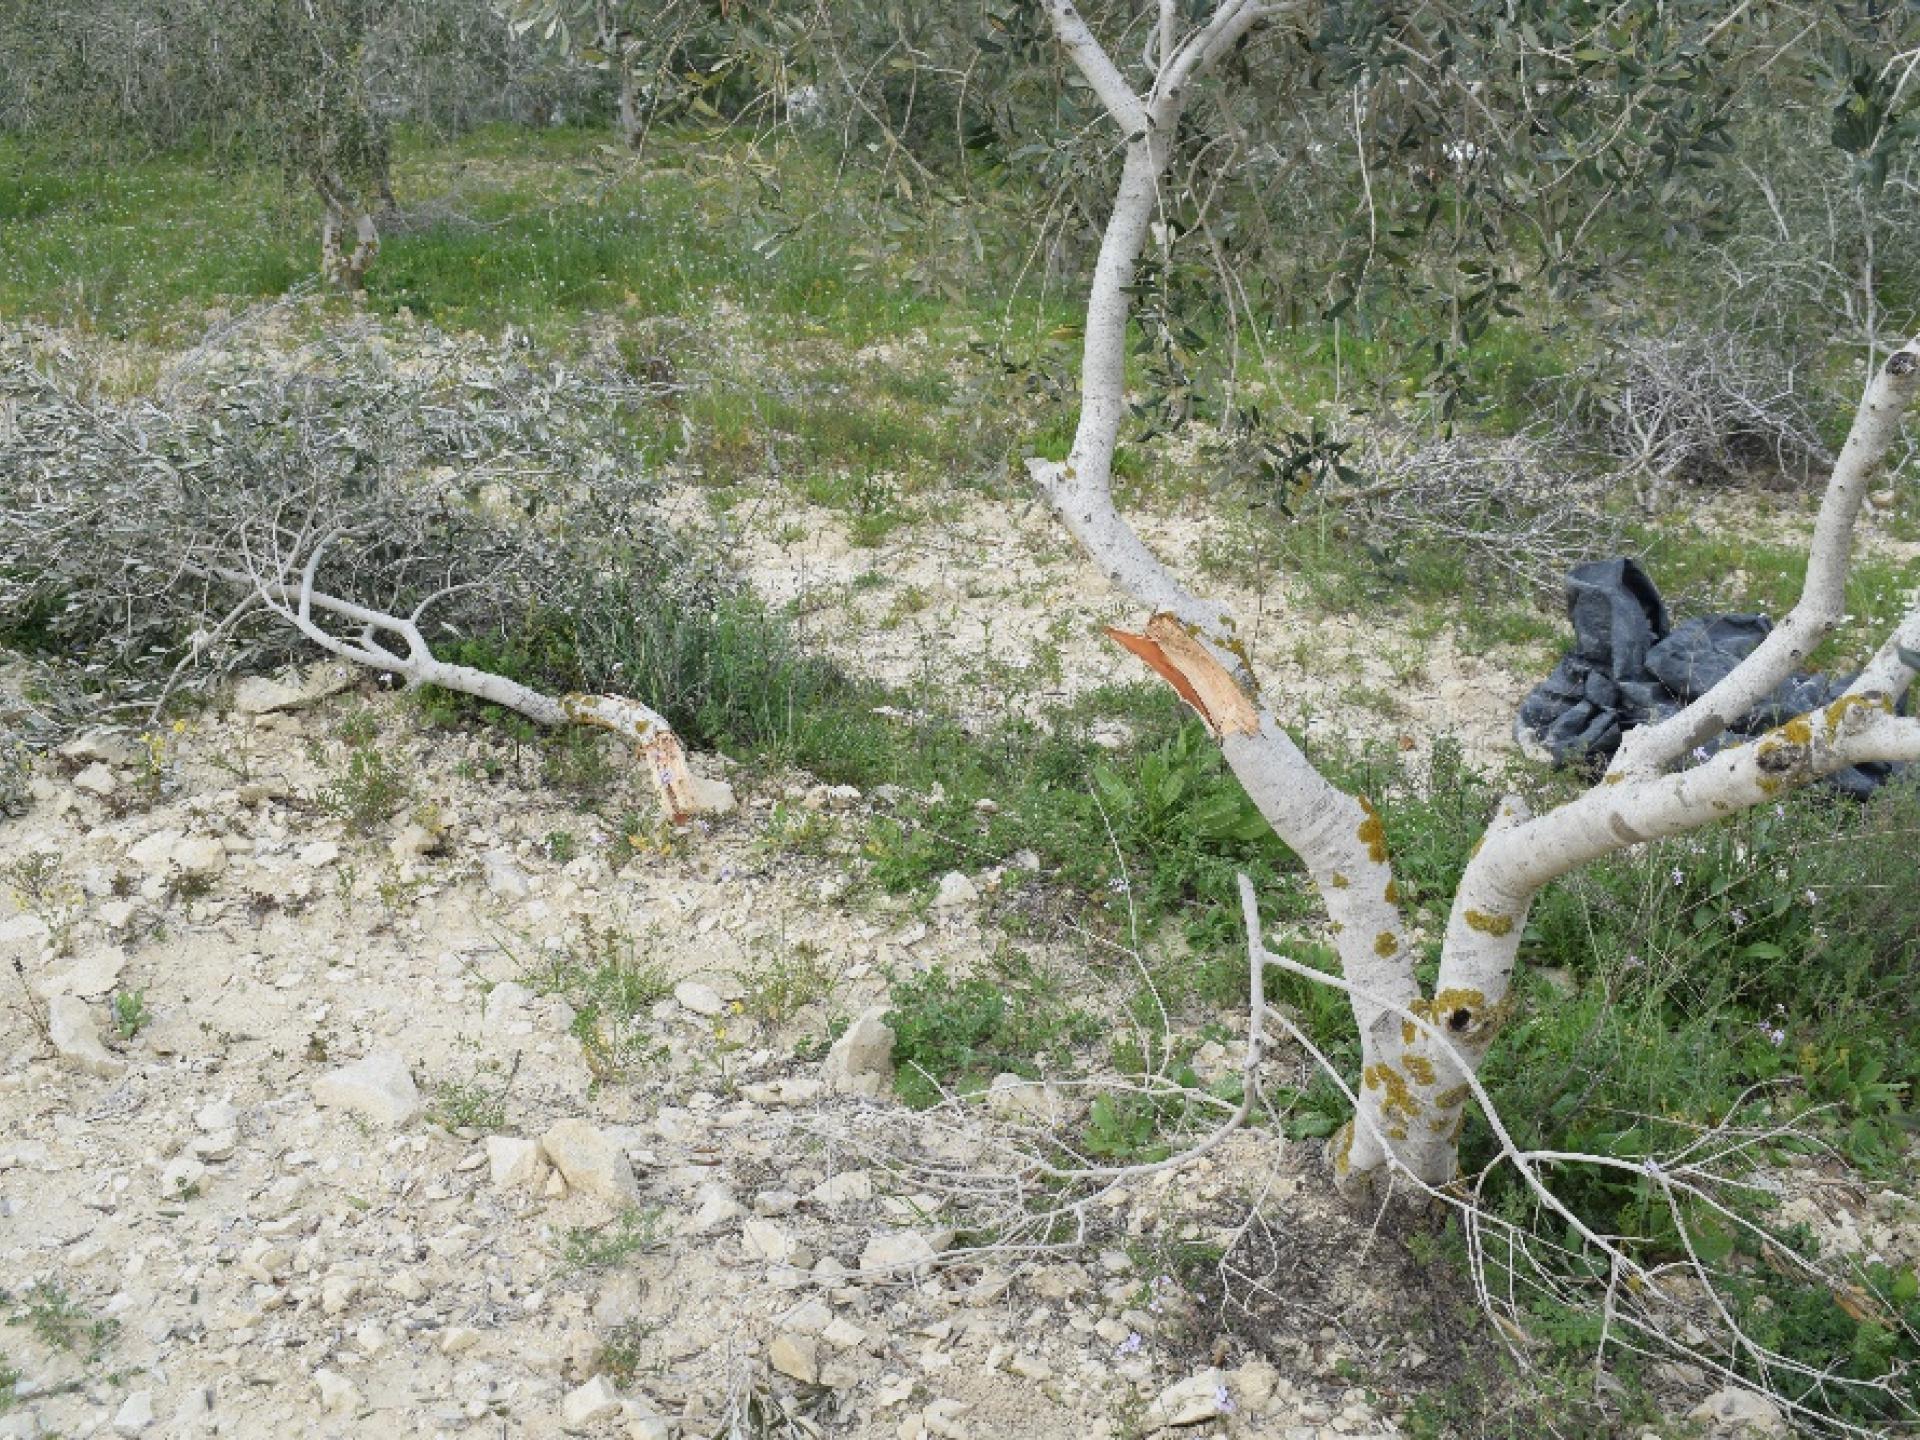 עצי זית בחלקה במאדמא, שנפגעו בהתפרעות מתנחלי יצהר ב 11.3.18